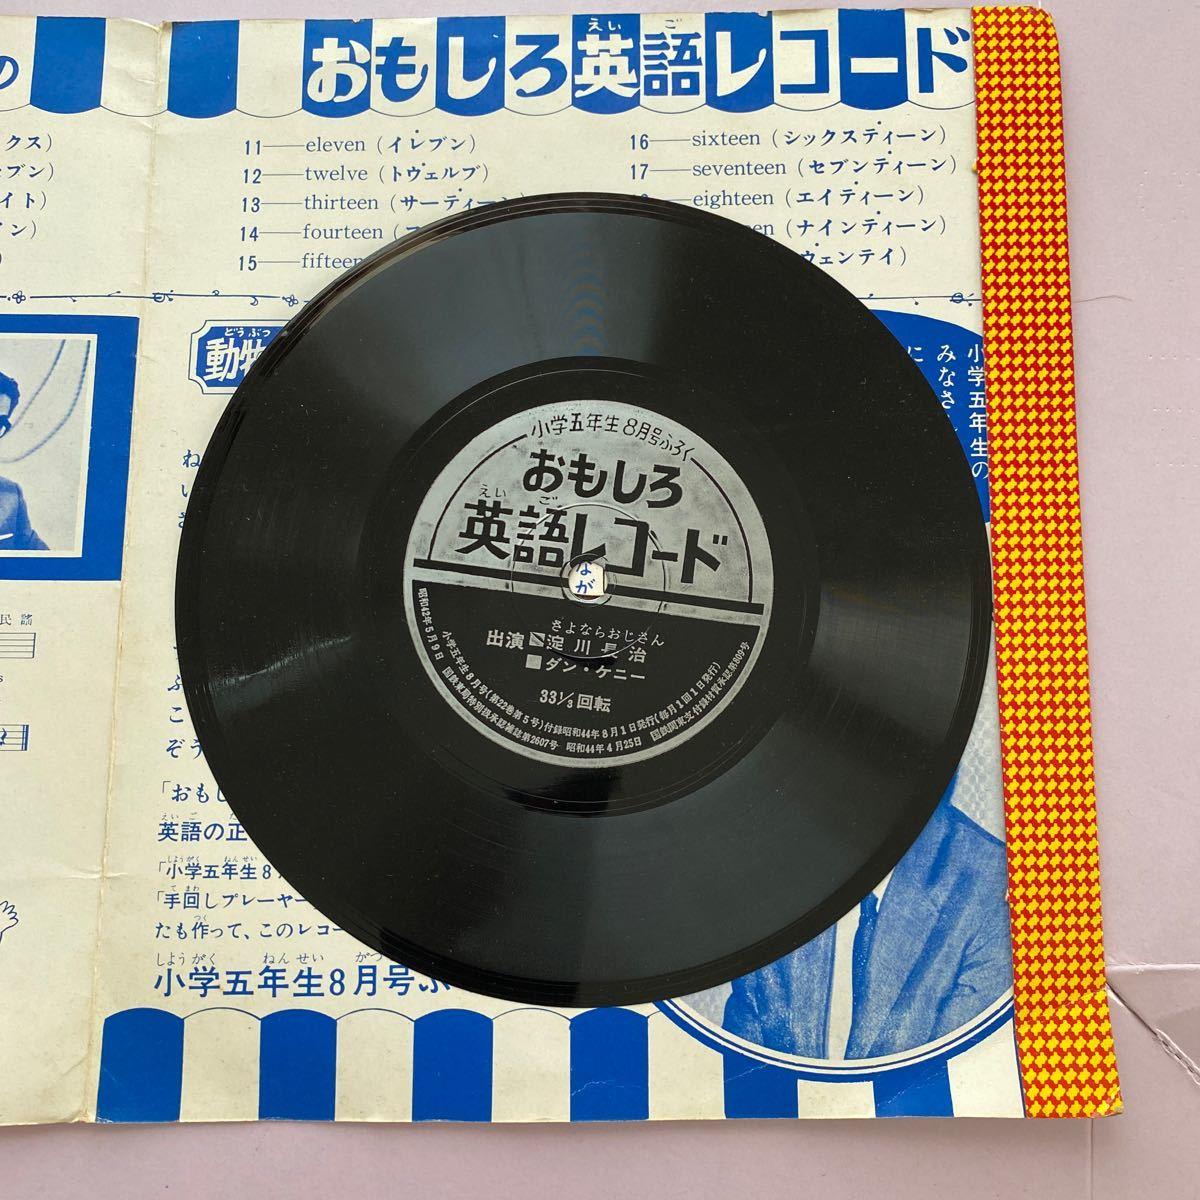 ソノシート 小学5年生 昭和44年8月号 付録 小学校 淀川長治のおもしろ英語レコード さよなら!さよなら!おじさんのおもしろ英語レコード_画像3